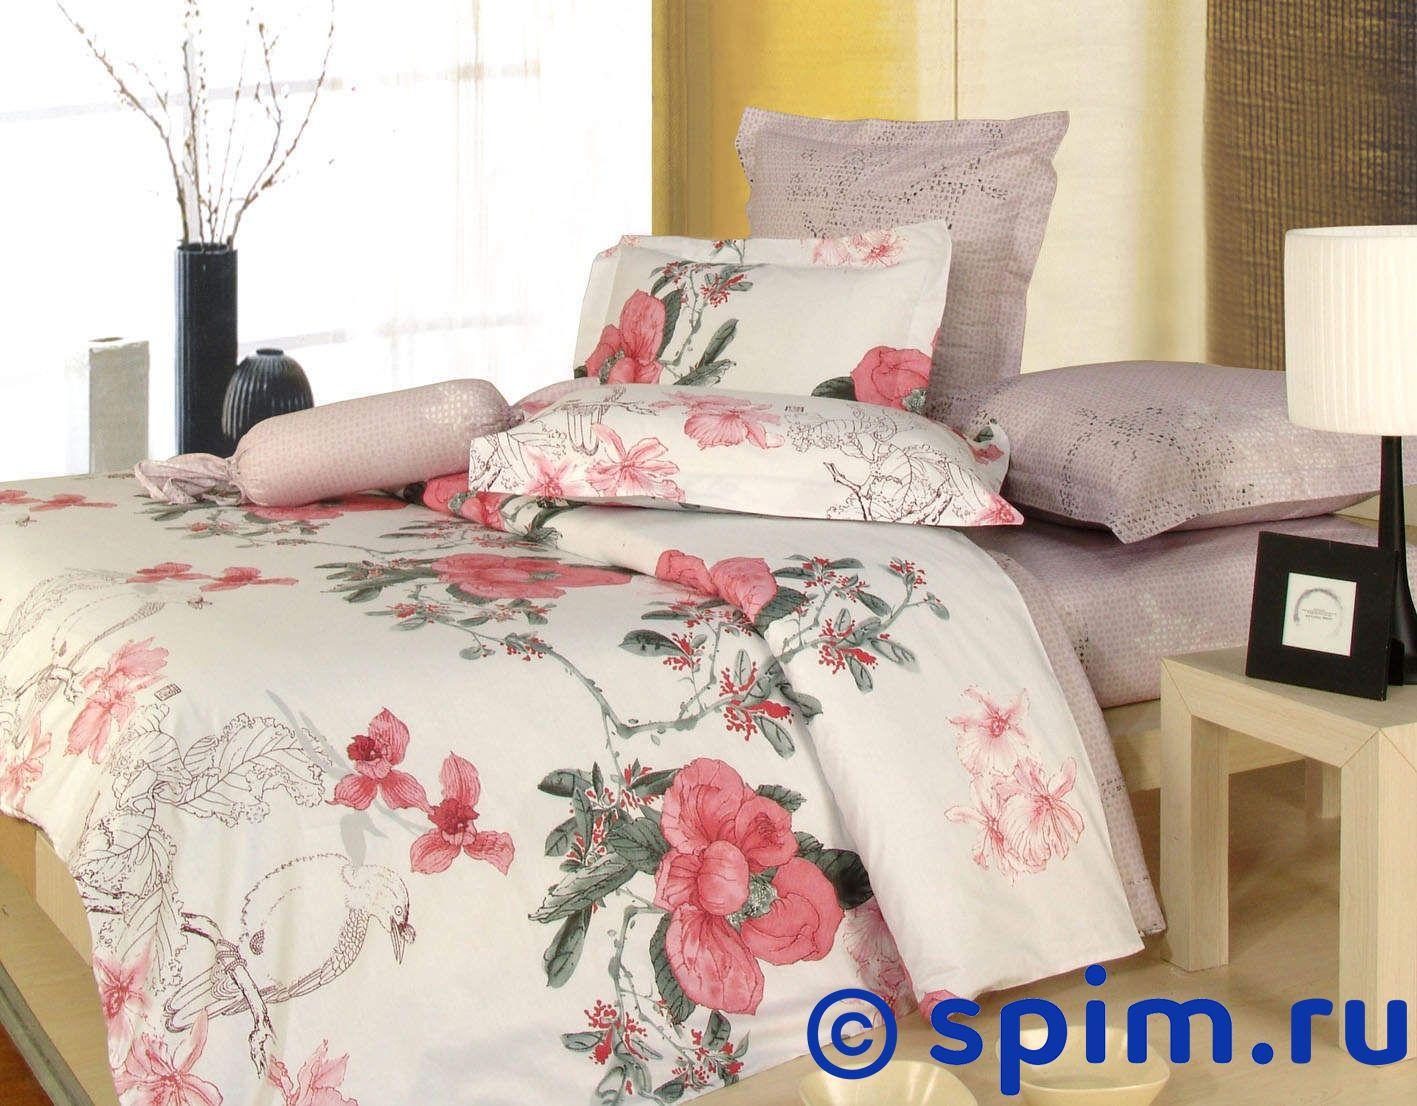 Комплект СайлиД В50 1.5 спальное